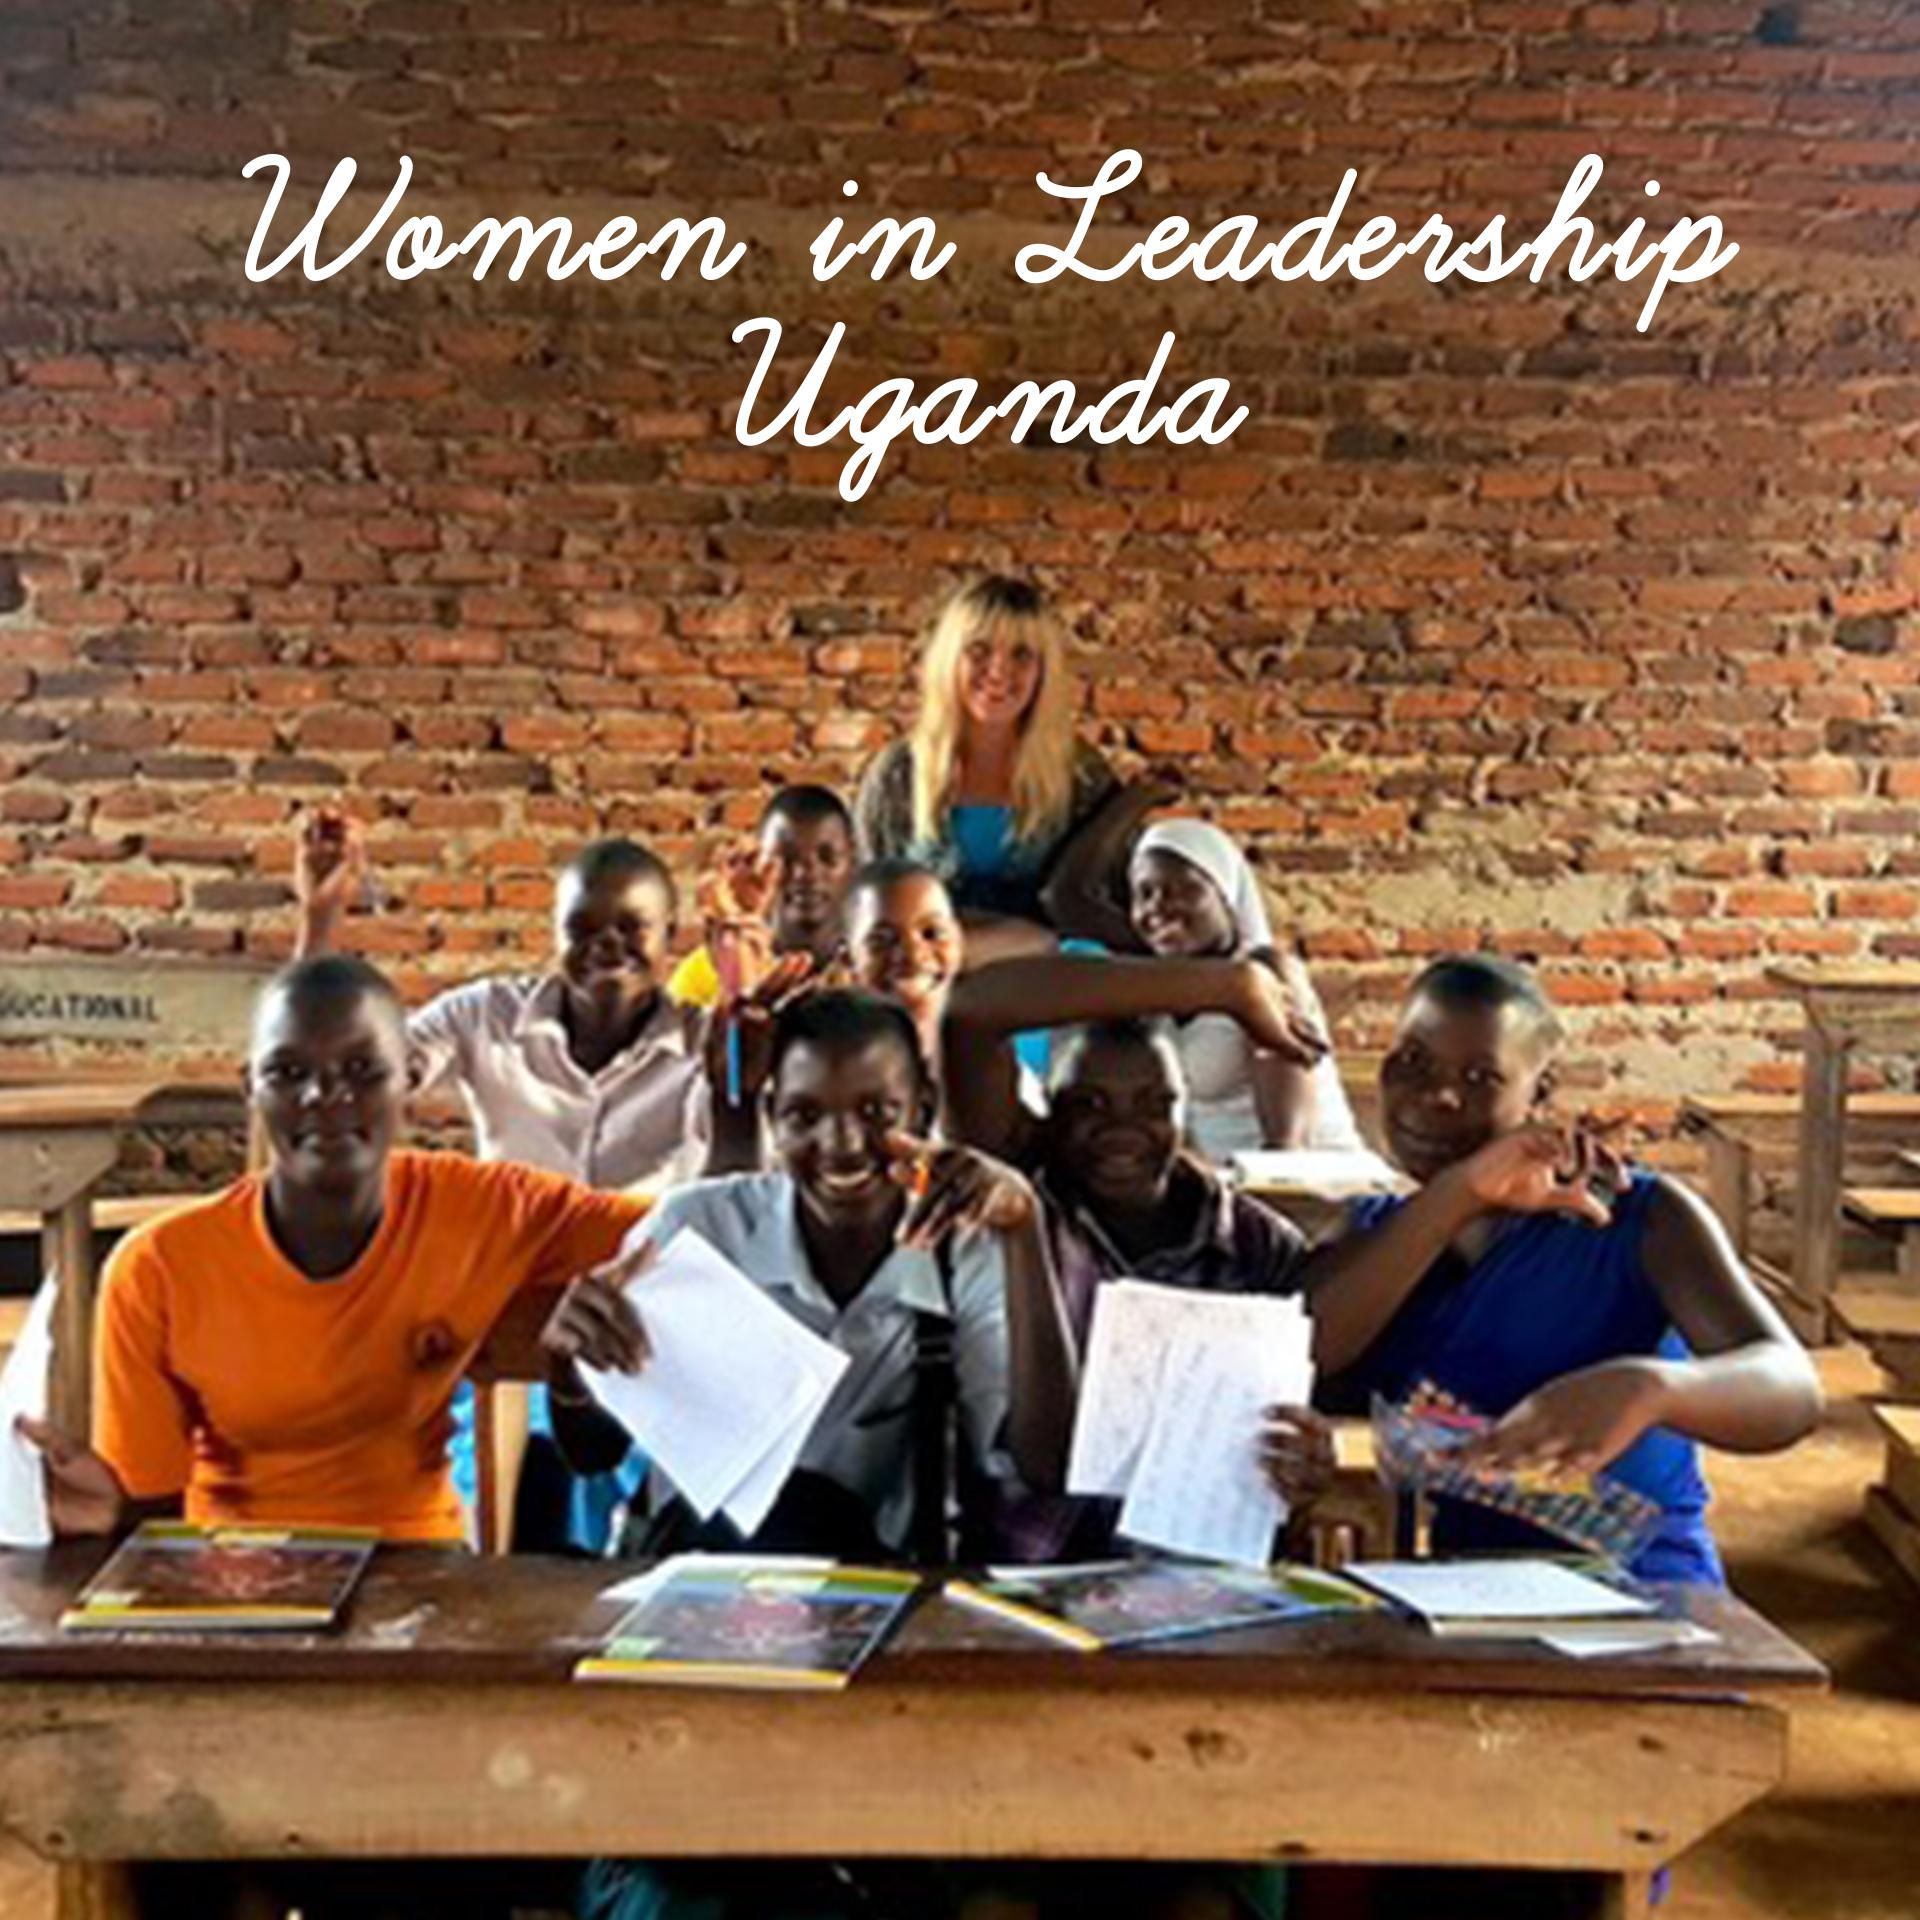 WILUganda1.jpg